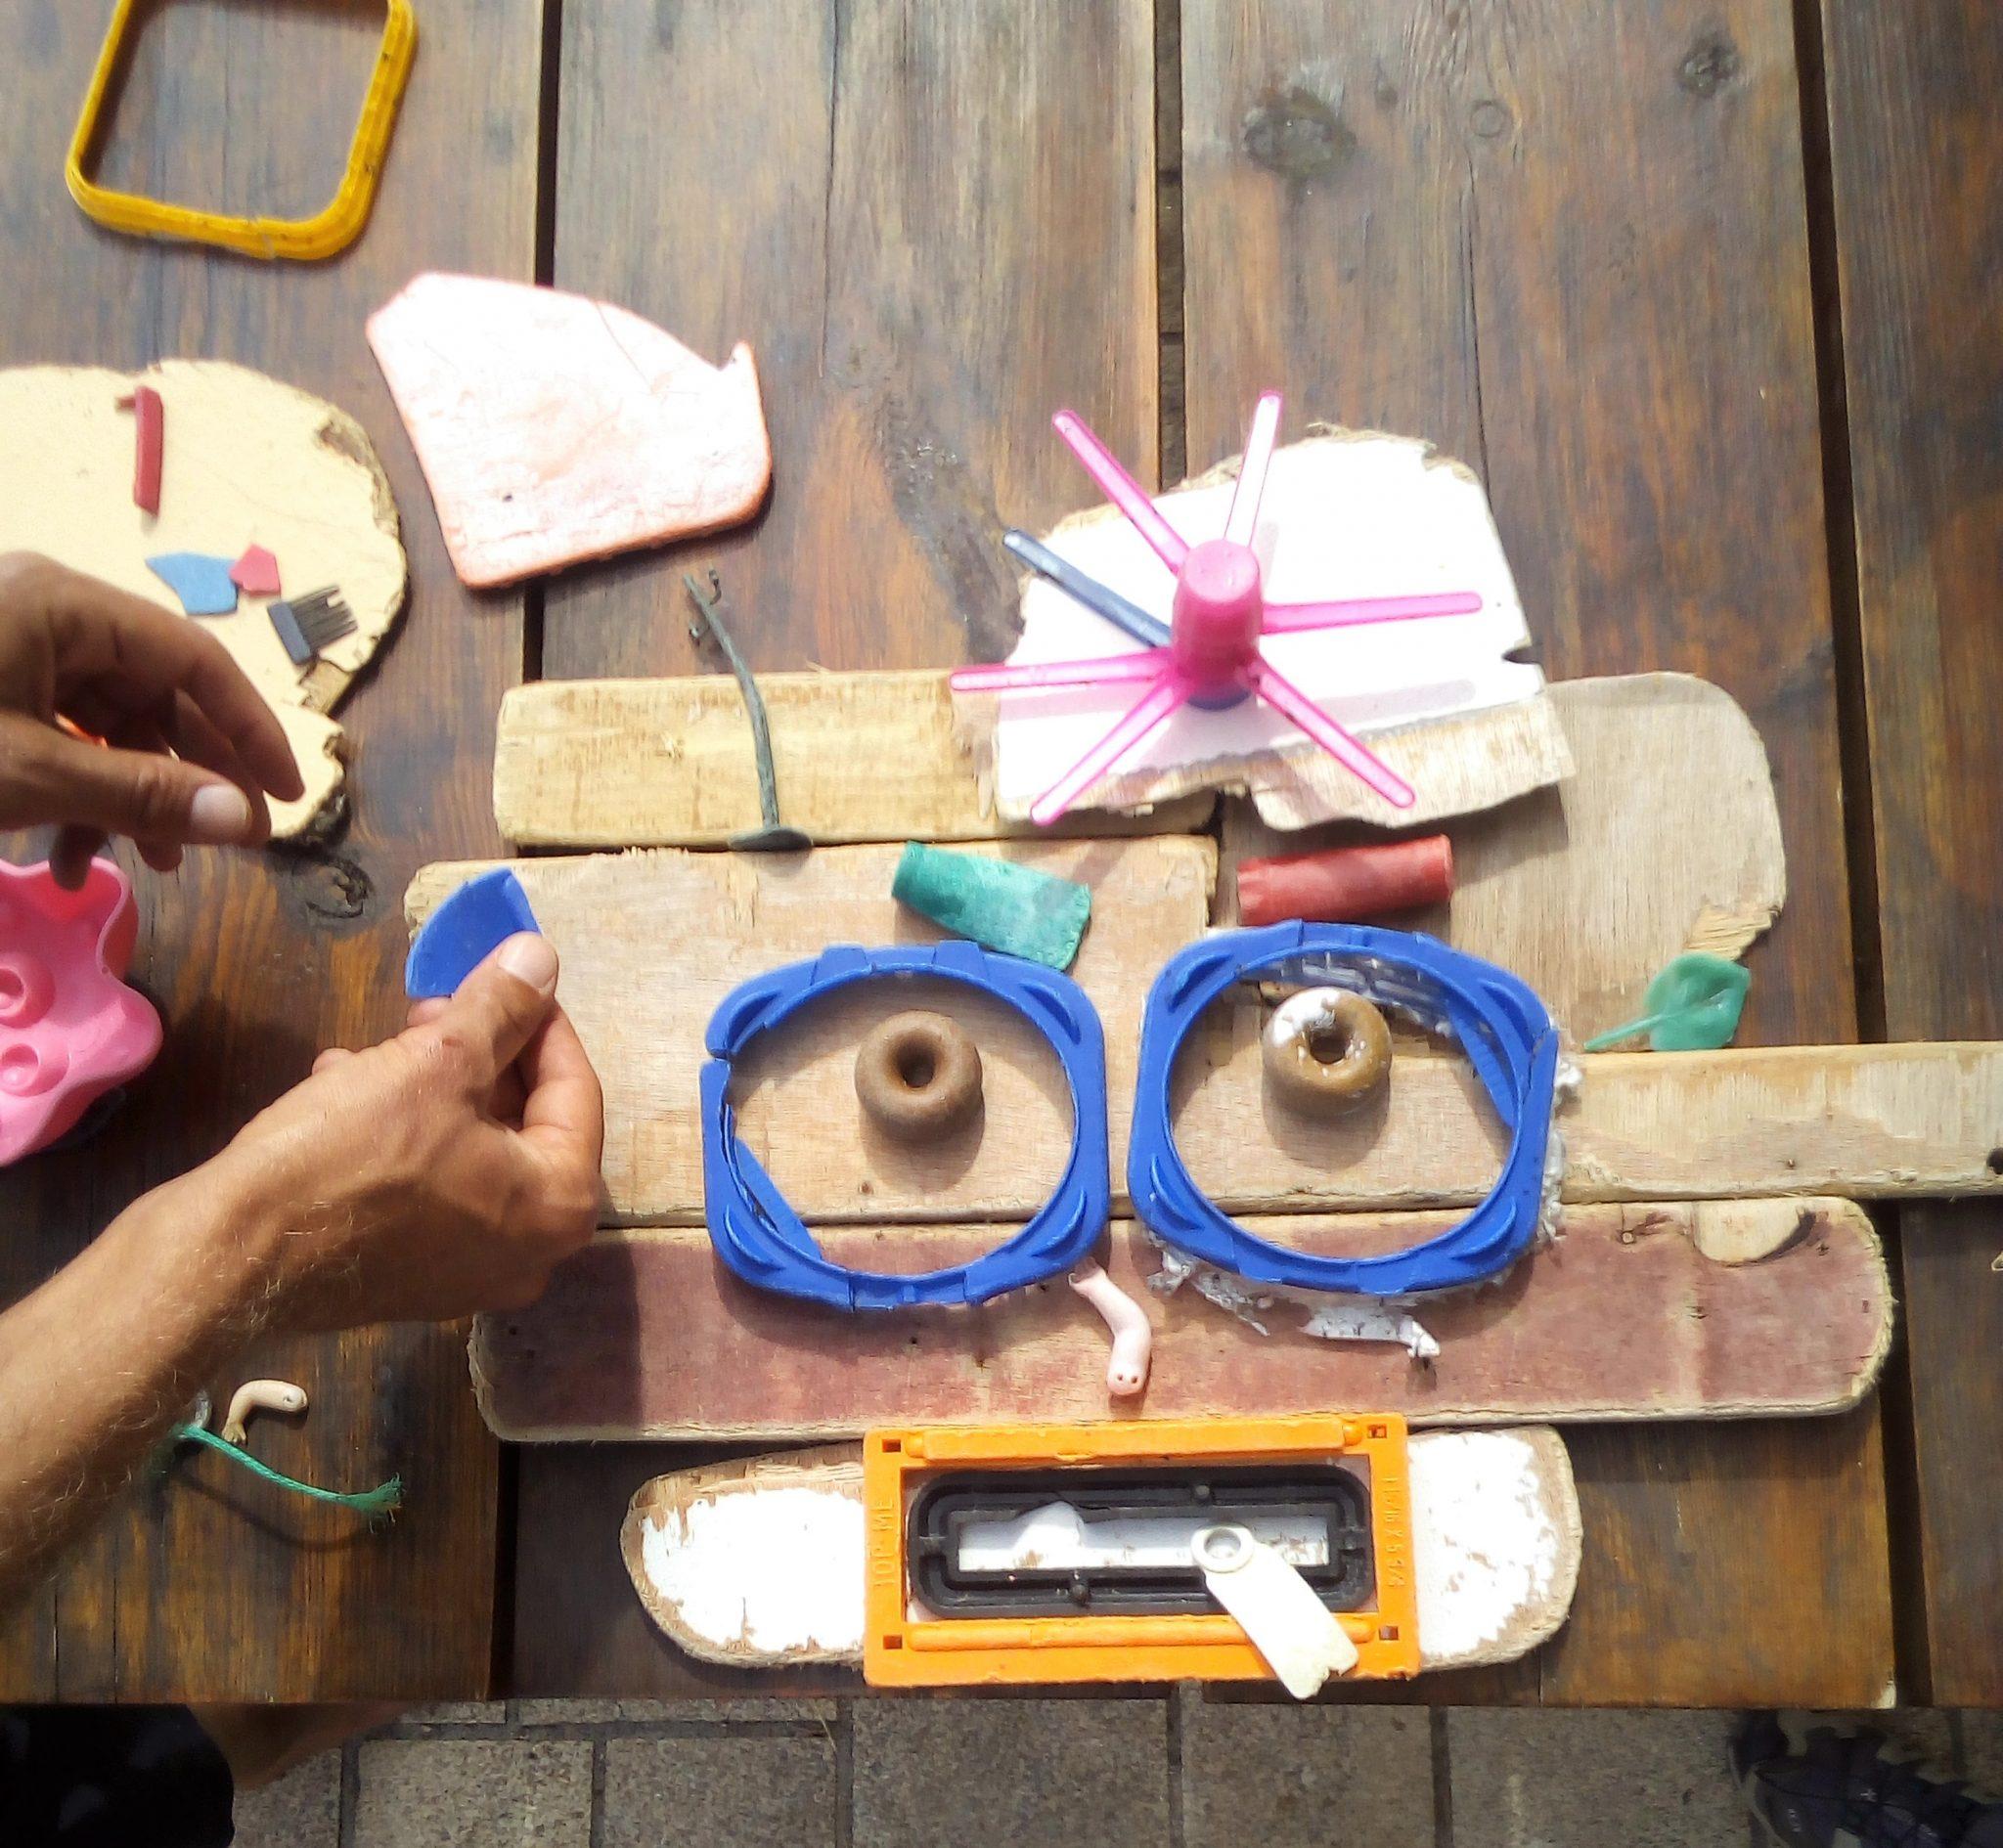 Das macht er auch oft in Kindergärten und Schulen, wobei auch die Kids kreativ mithelfen können.